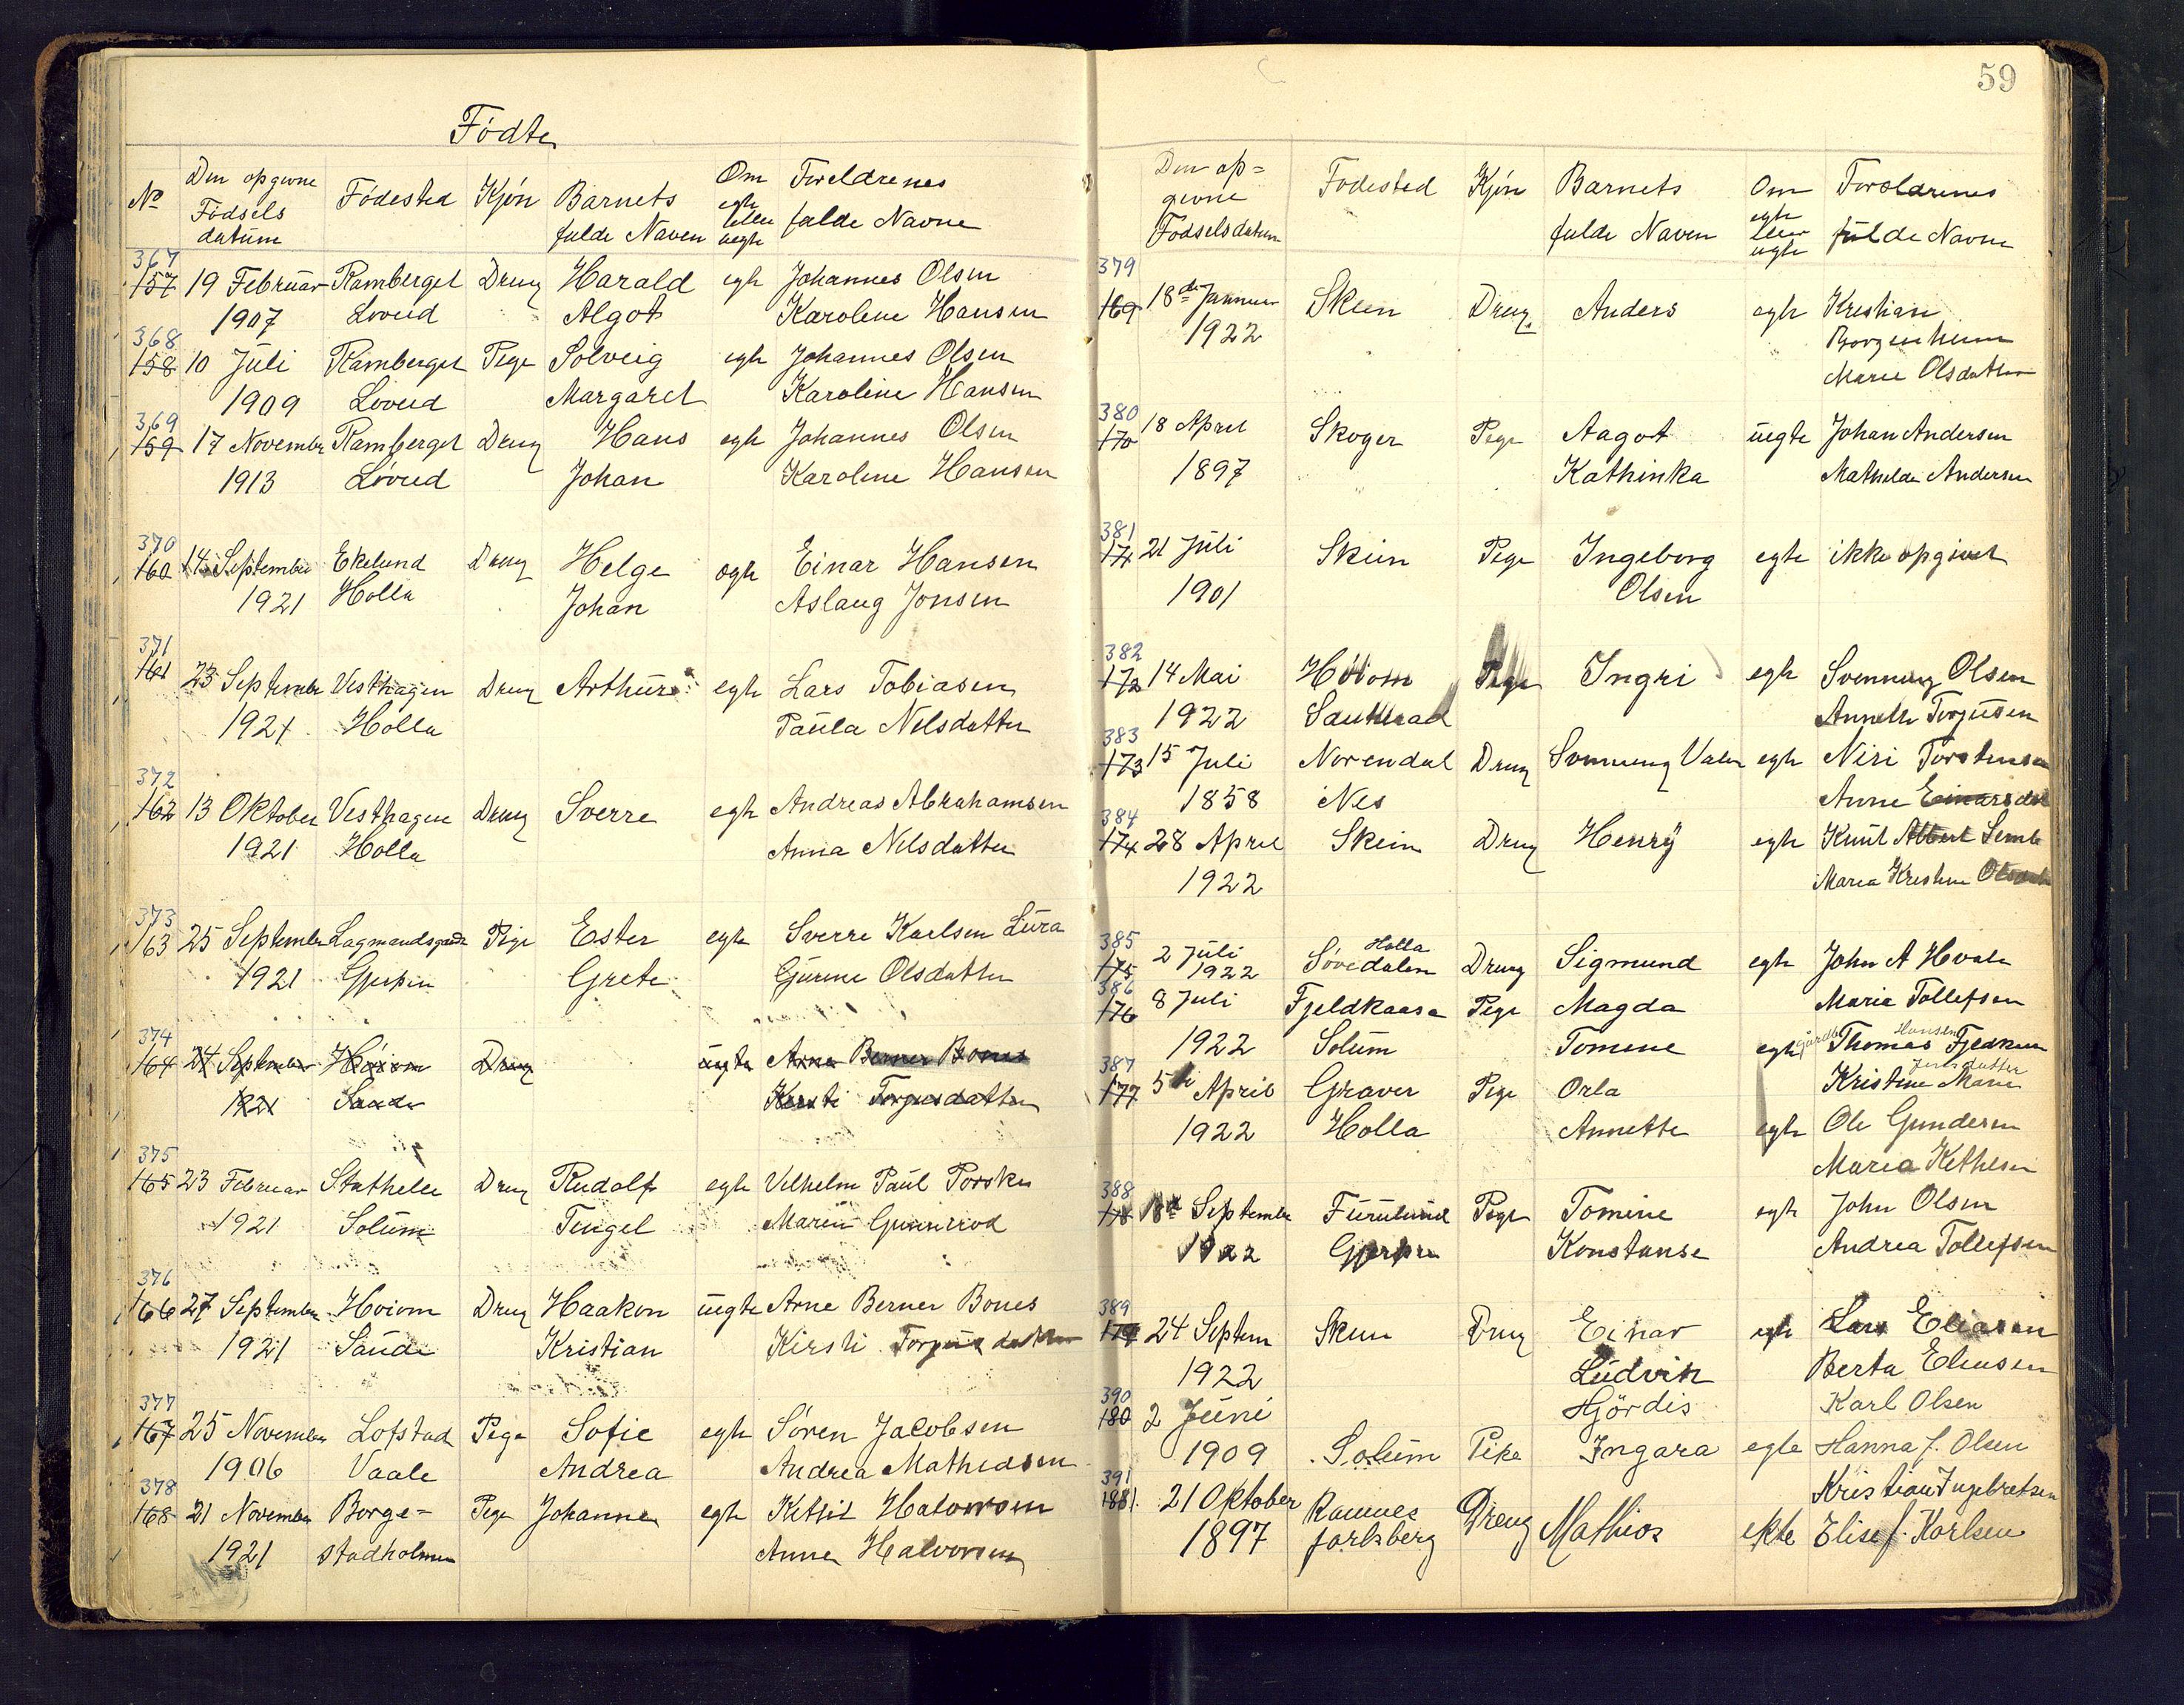 SAKO, Den evangelisk lutherske frimenighet i Jarlsbergs grevskap med flere steder, F/Fb/L0002: Dissenterprotokoll nr. Fa/L0002, 1906-1922, s. 59